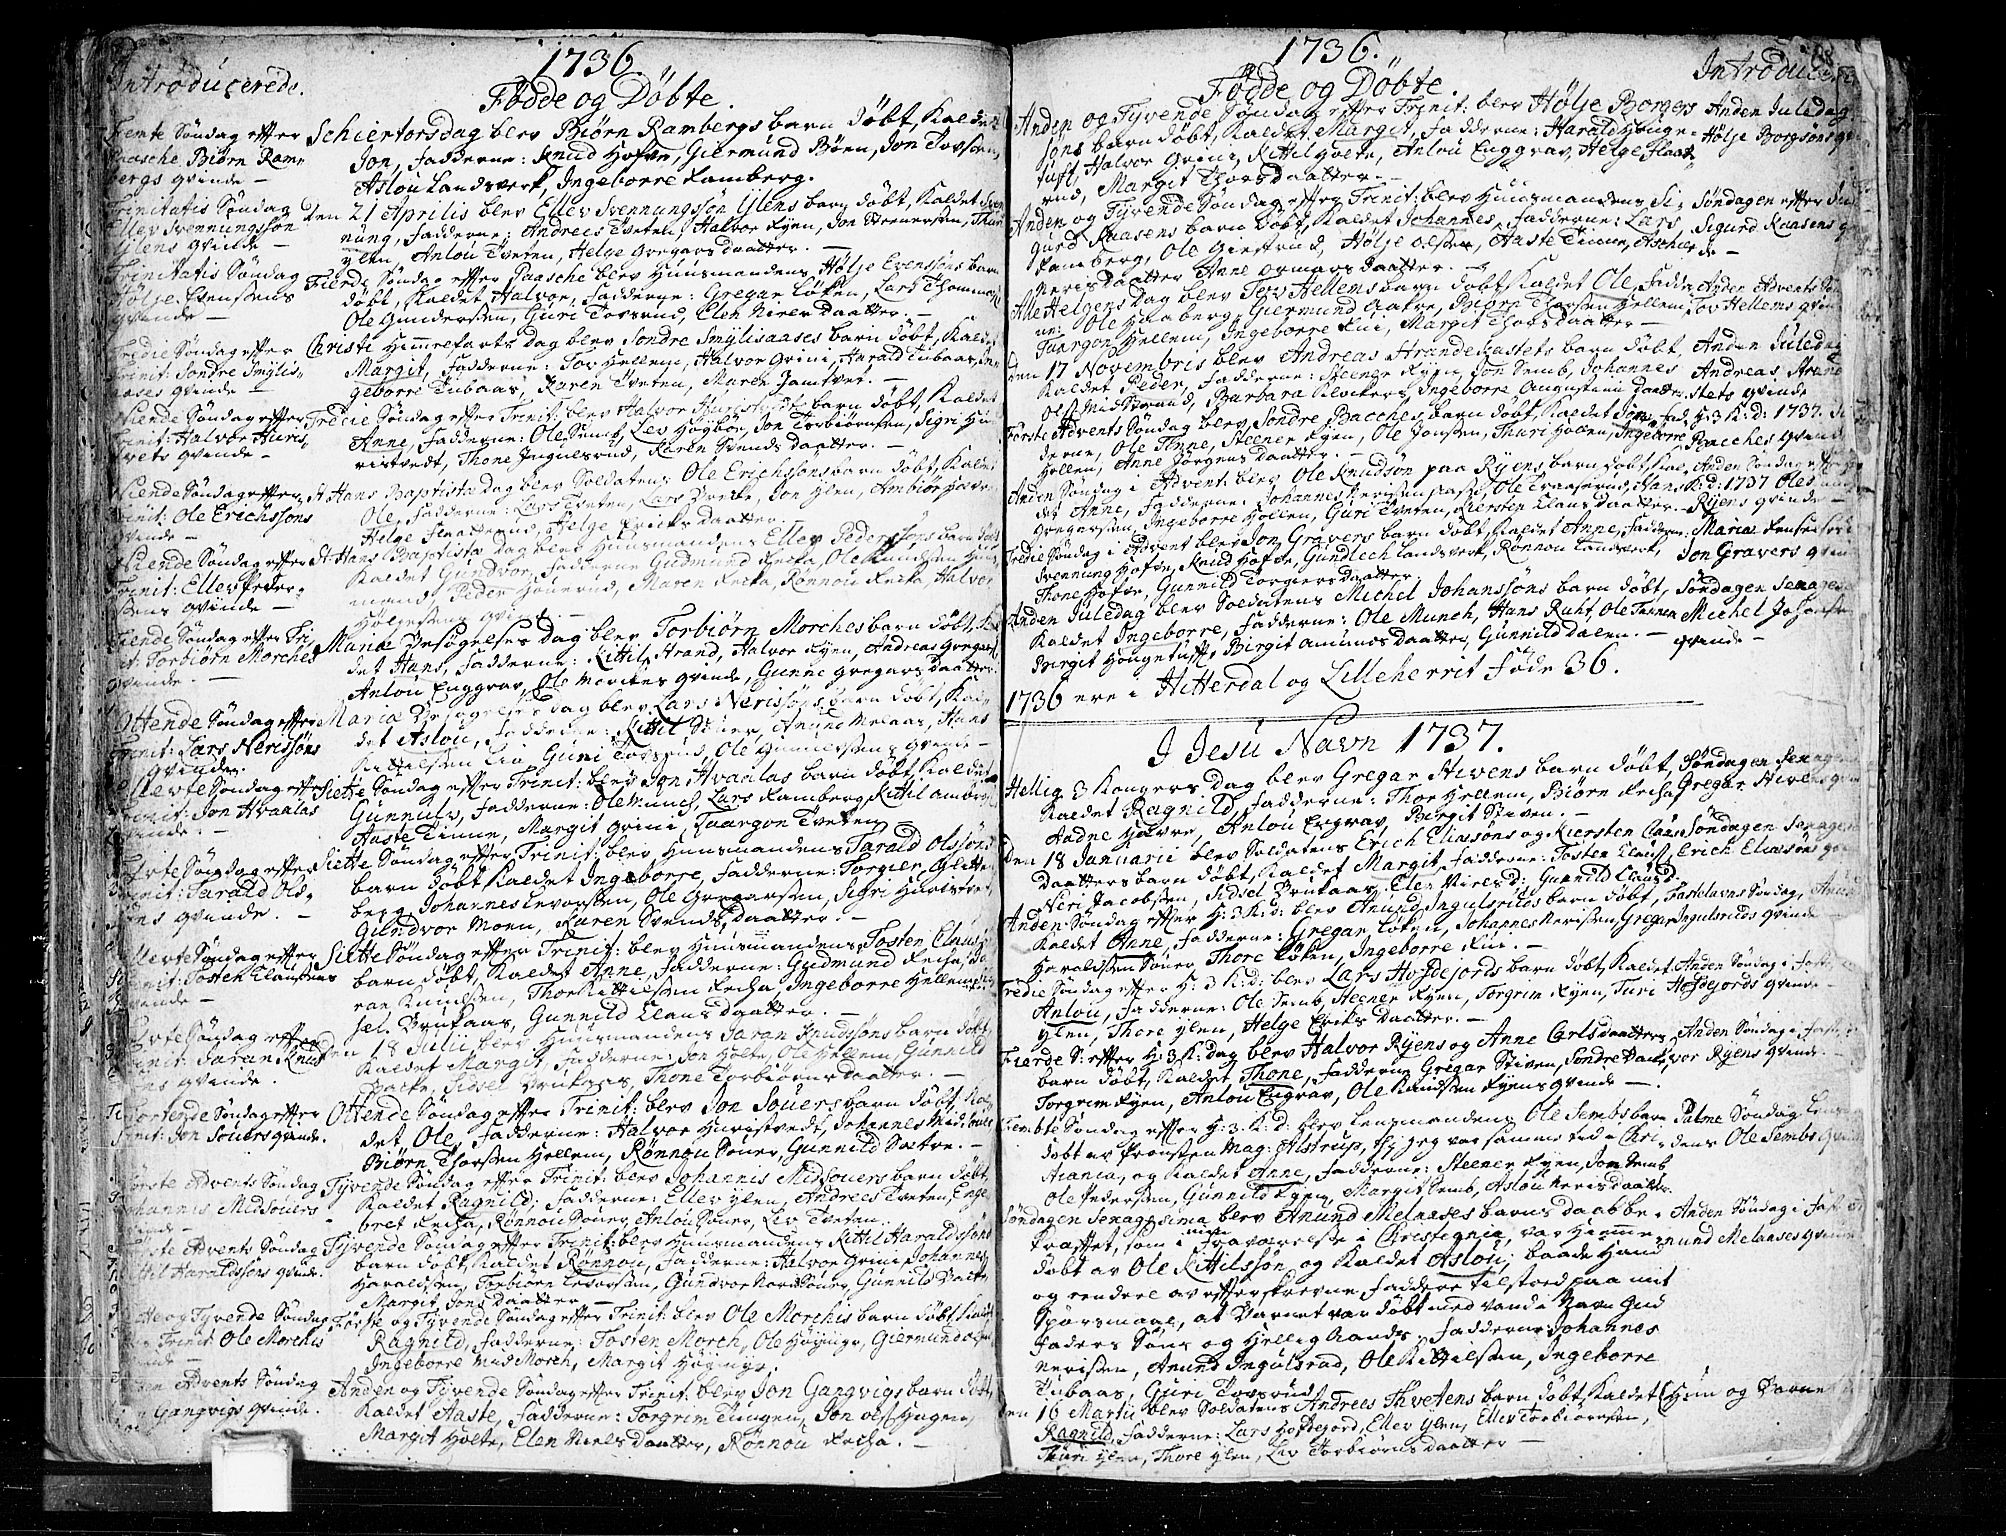 SAKO, Heddal kirkebøker, F/Fa/L0003: Ministerialbok nr. I 3, 1723-1783, s. 68